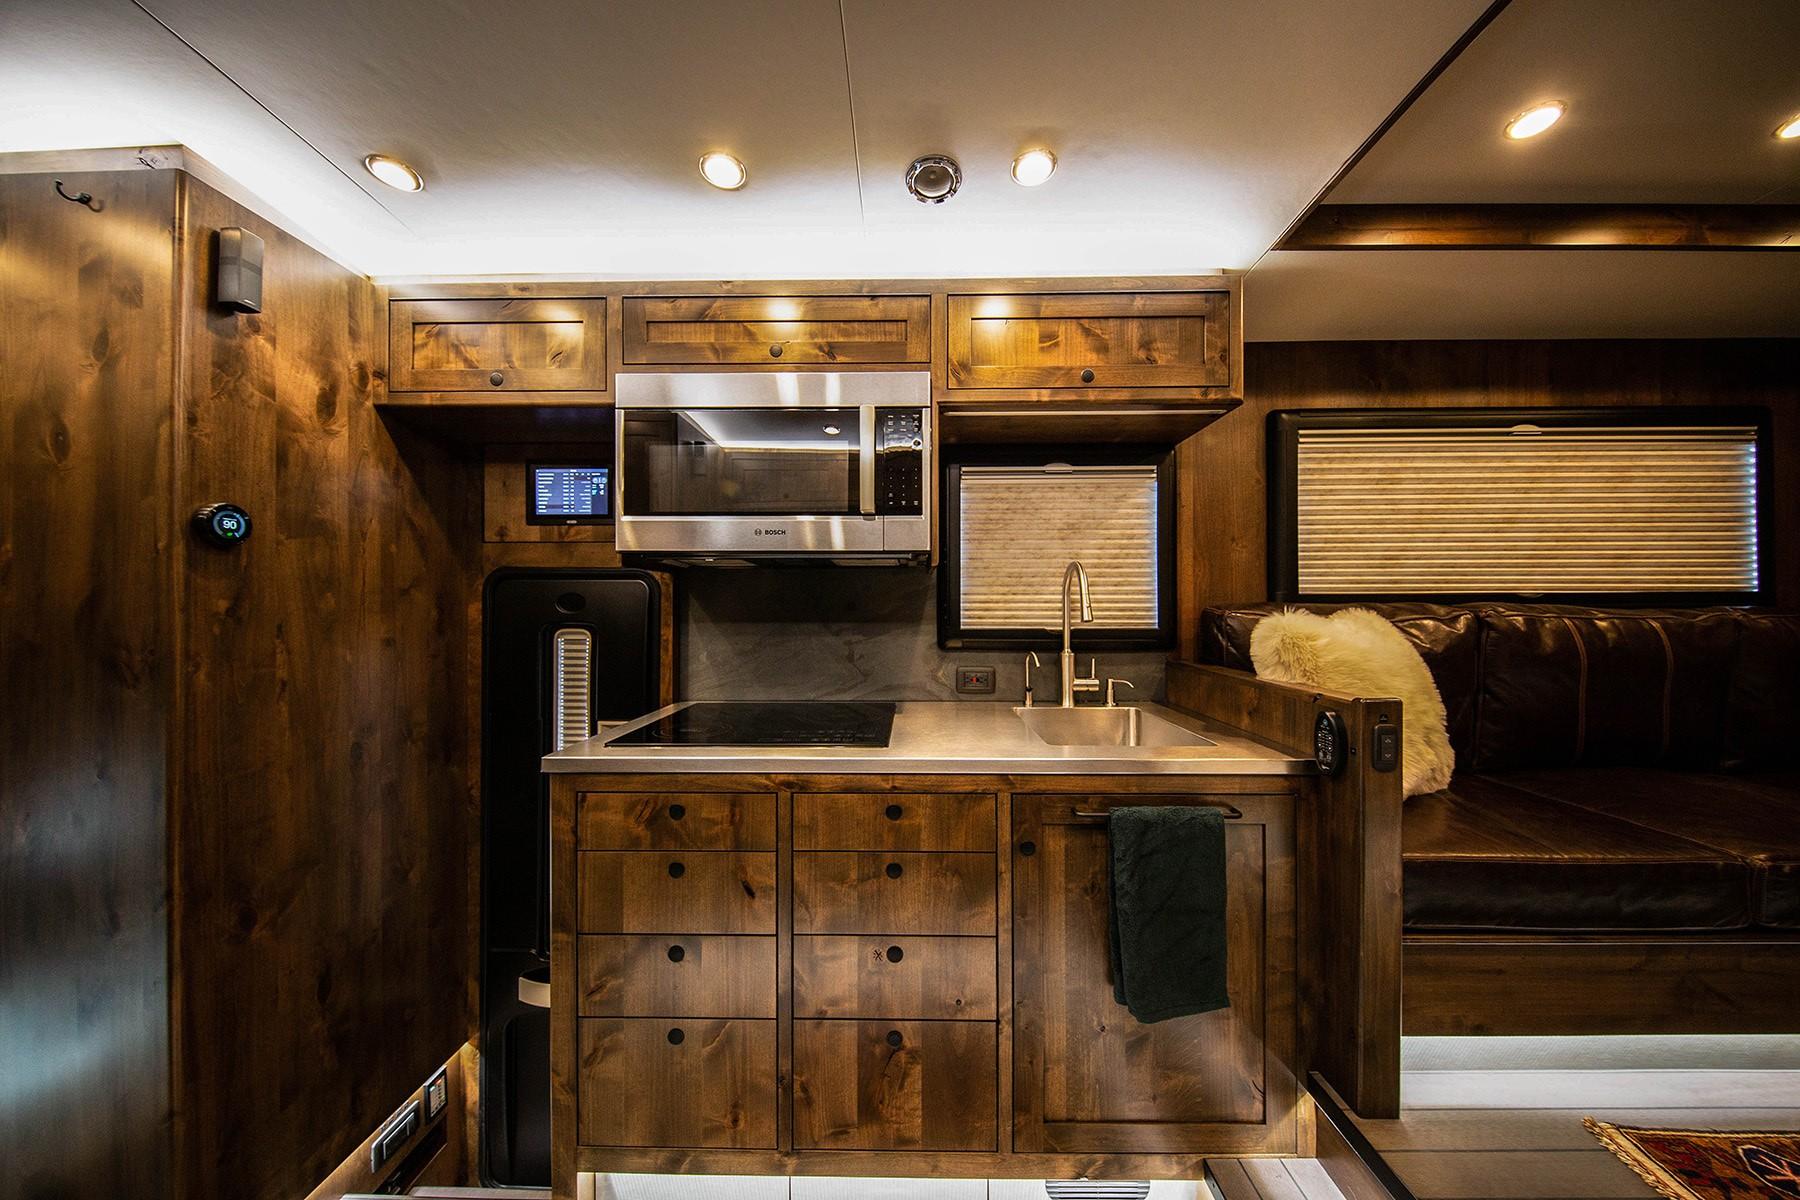 EarthRoamer HD kitchen